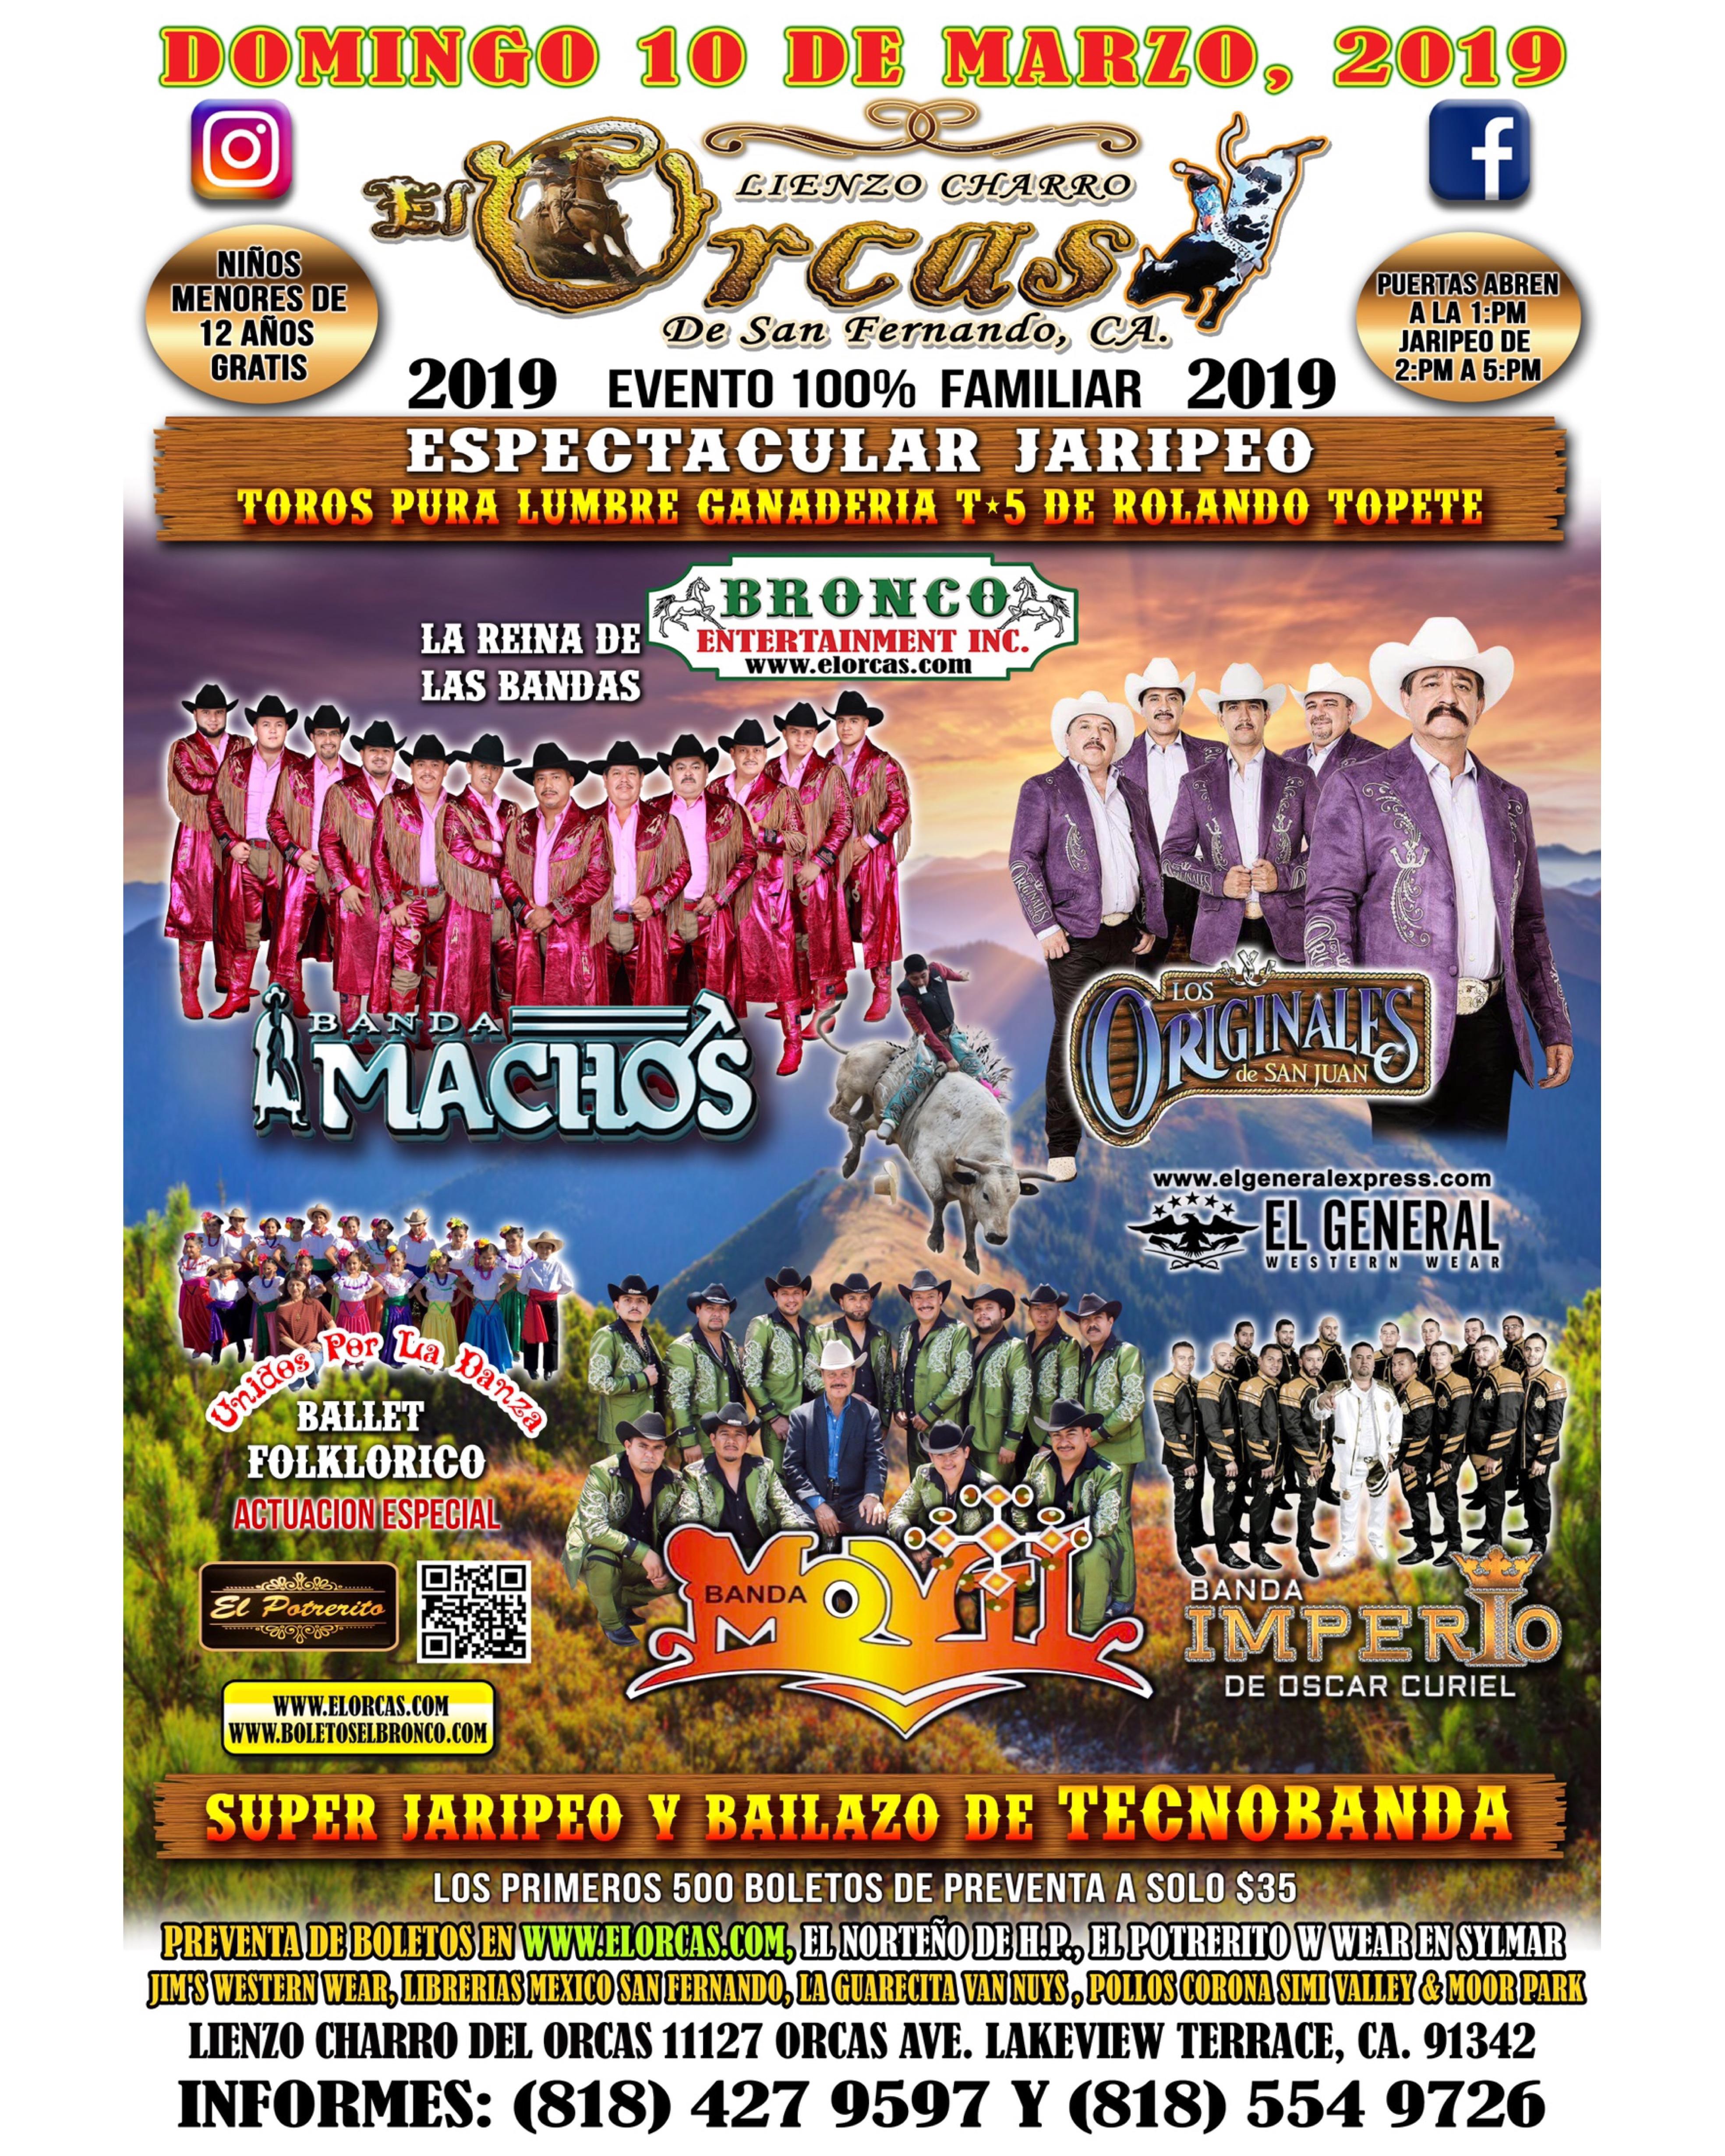 Gran Jaripeo - Banda Machos, Banda Movil & Los Originales de